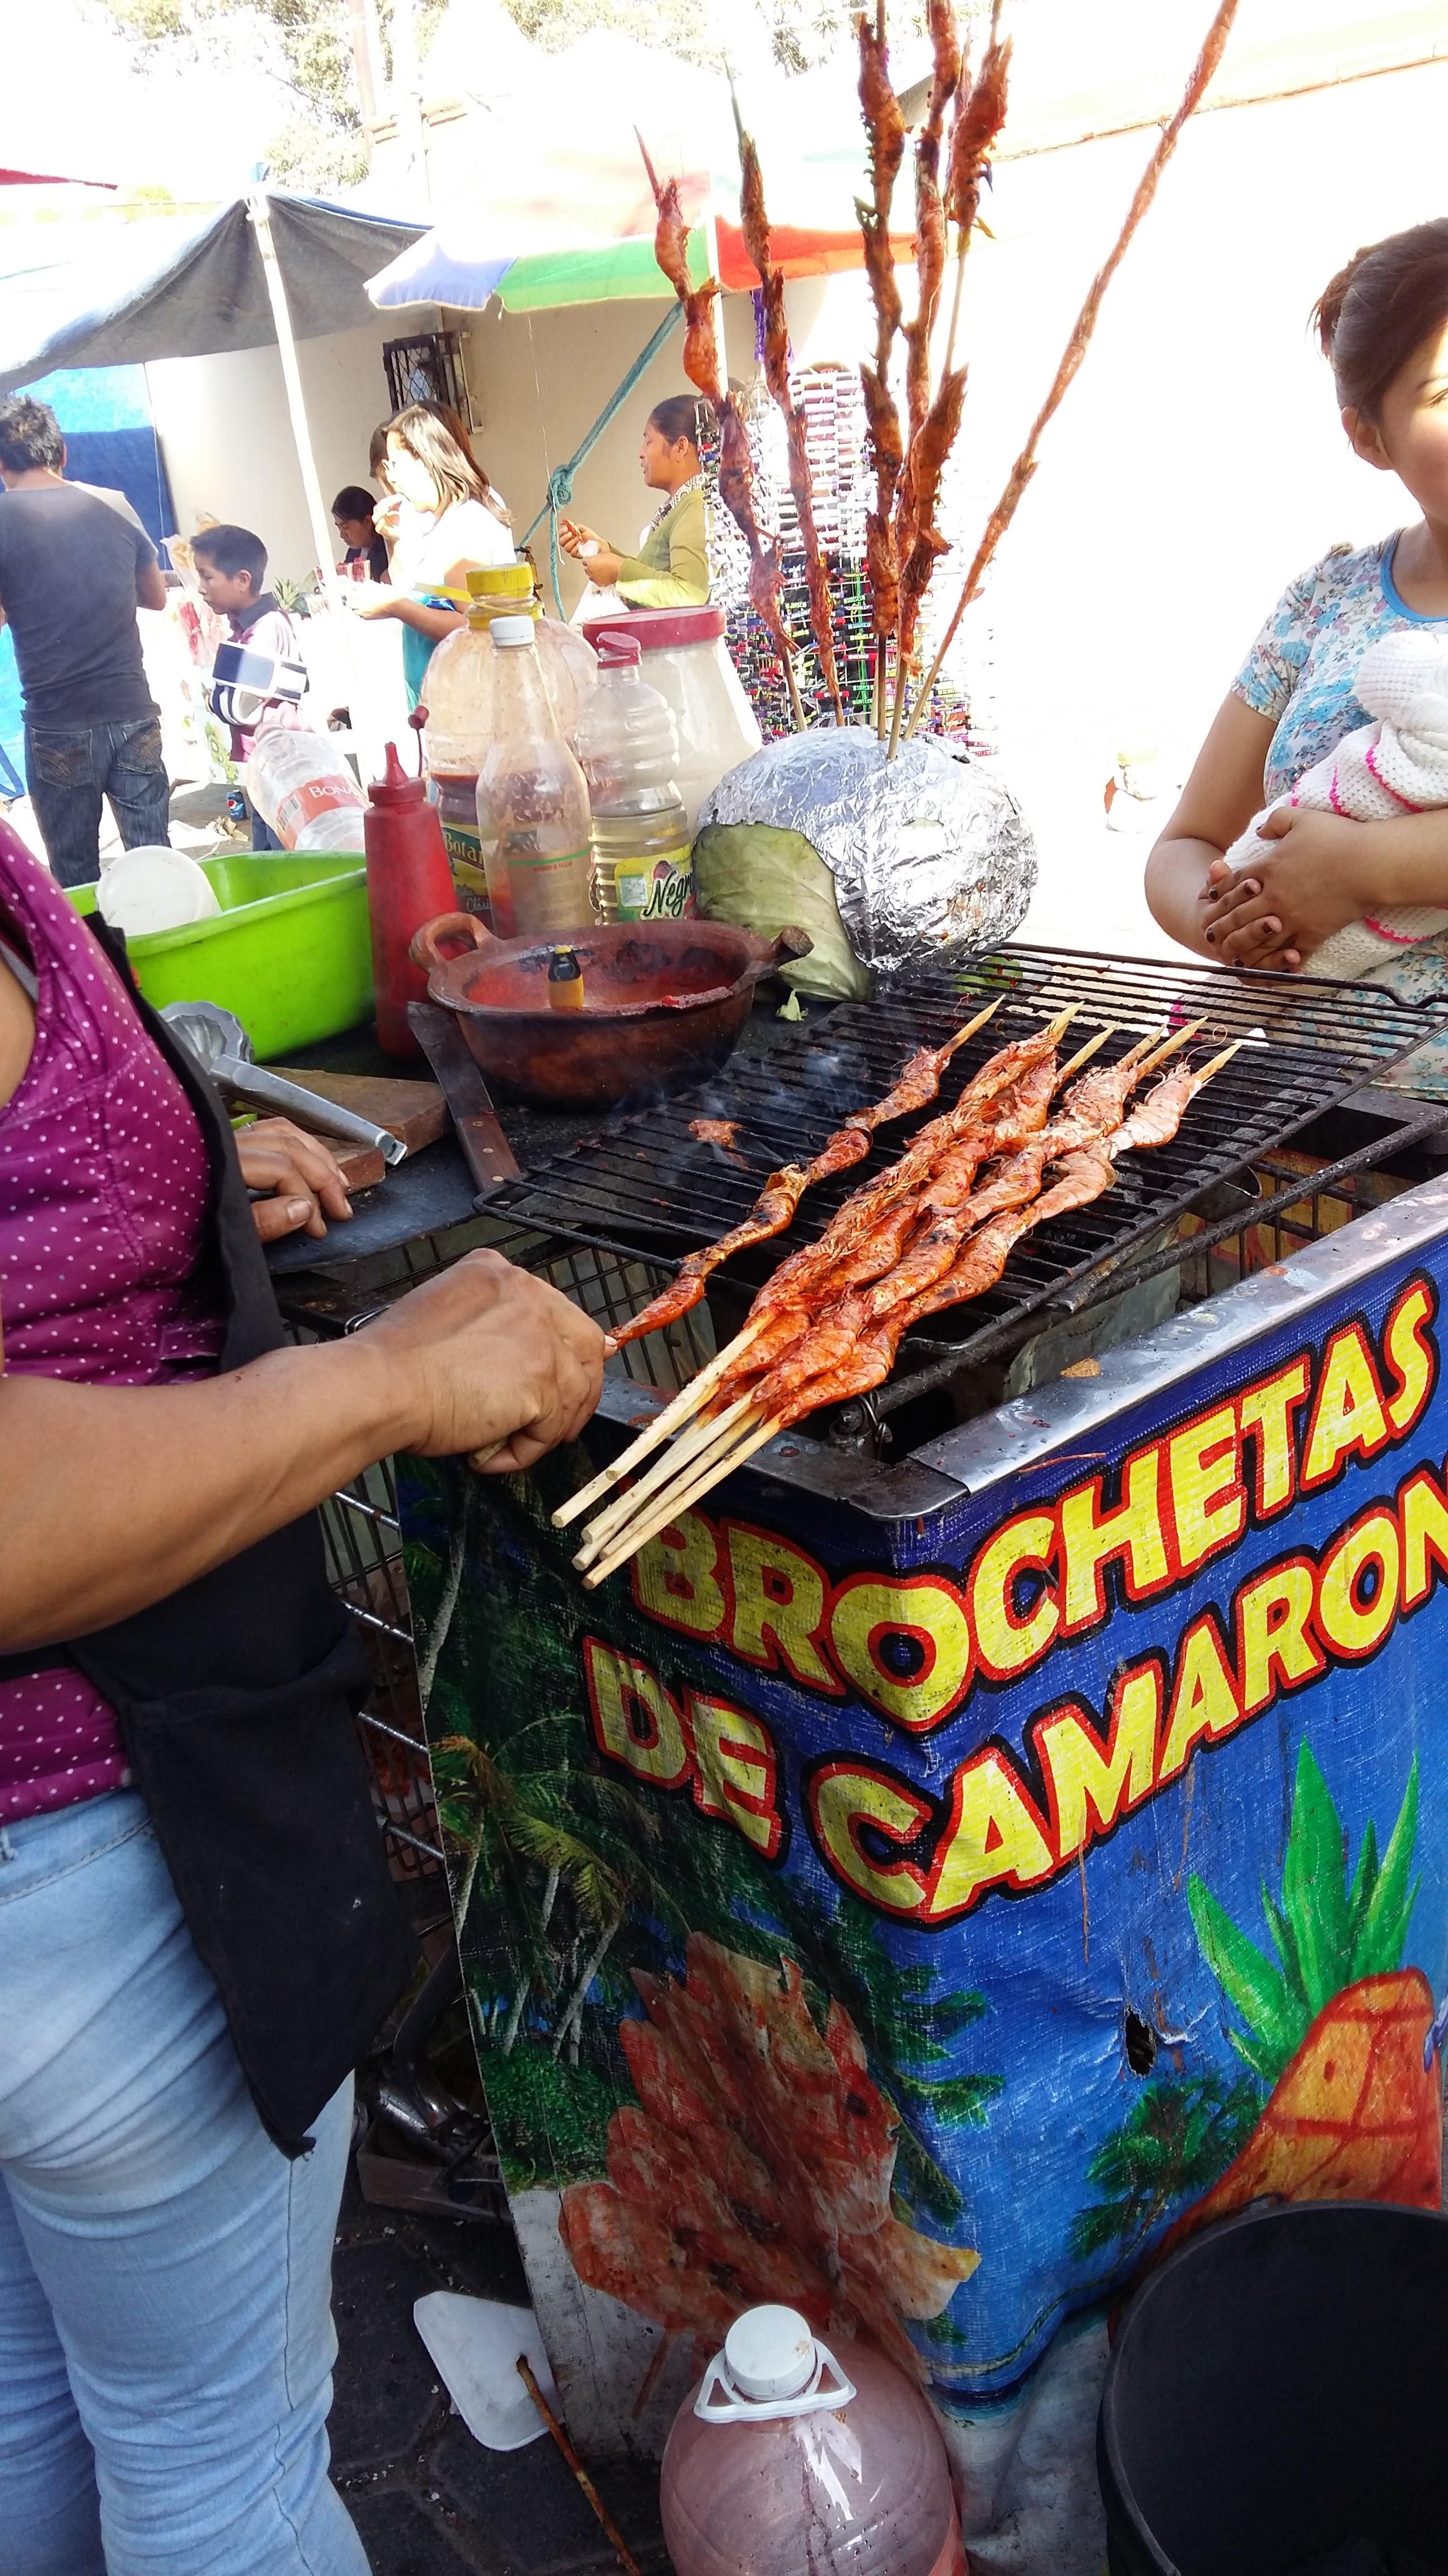 Camarones - shrimp kabobs!